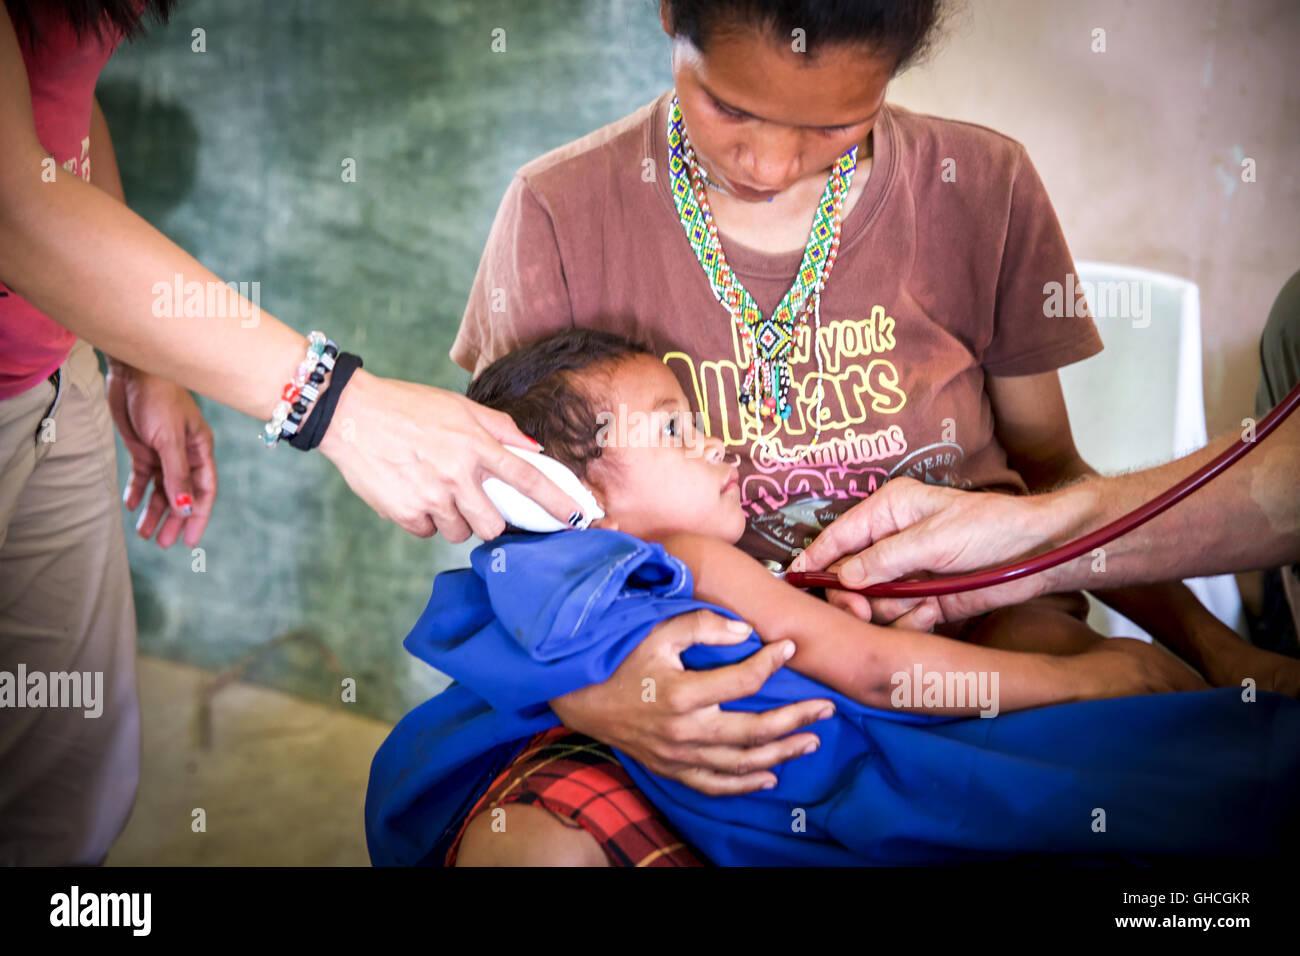 Medizinische Hilfe für die Philippinen Stockbild